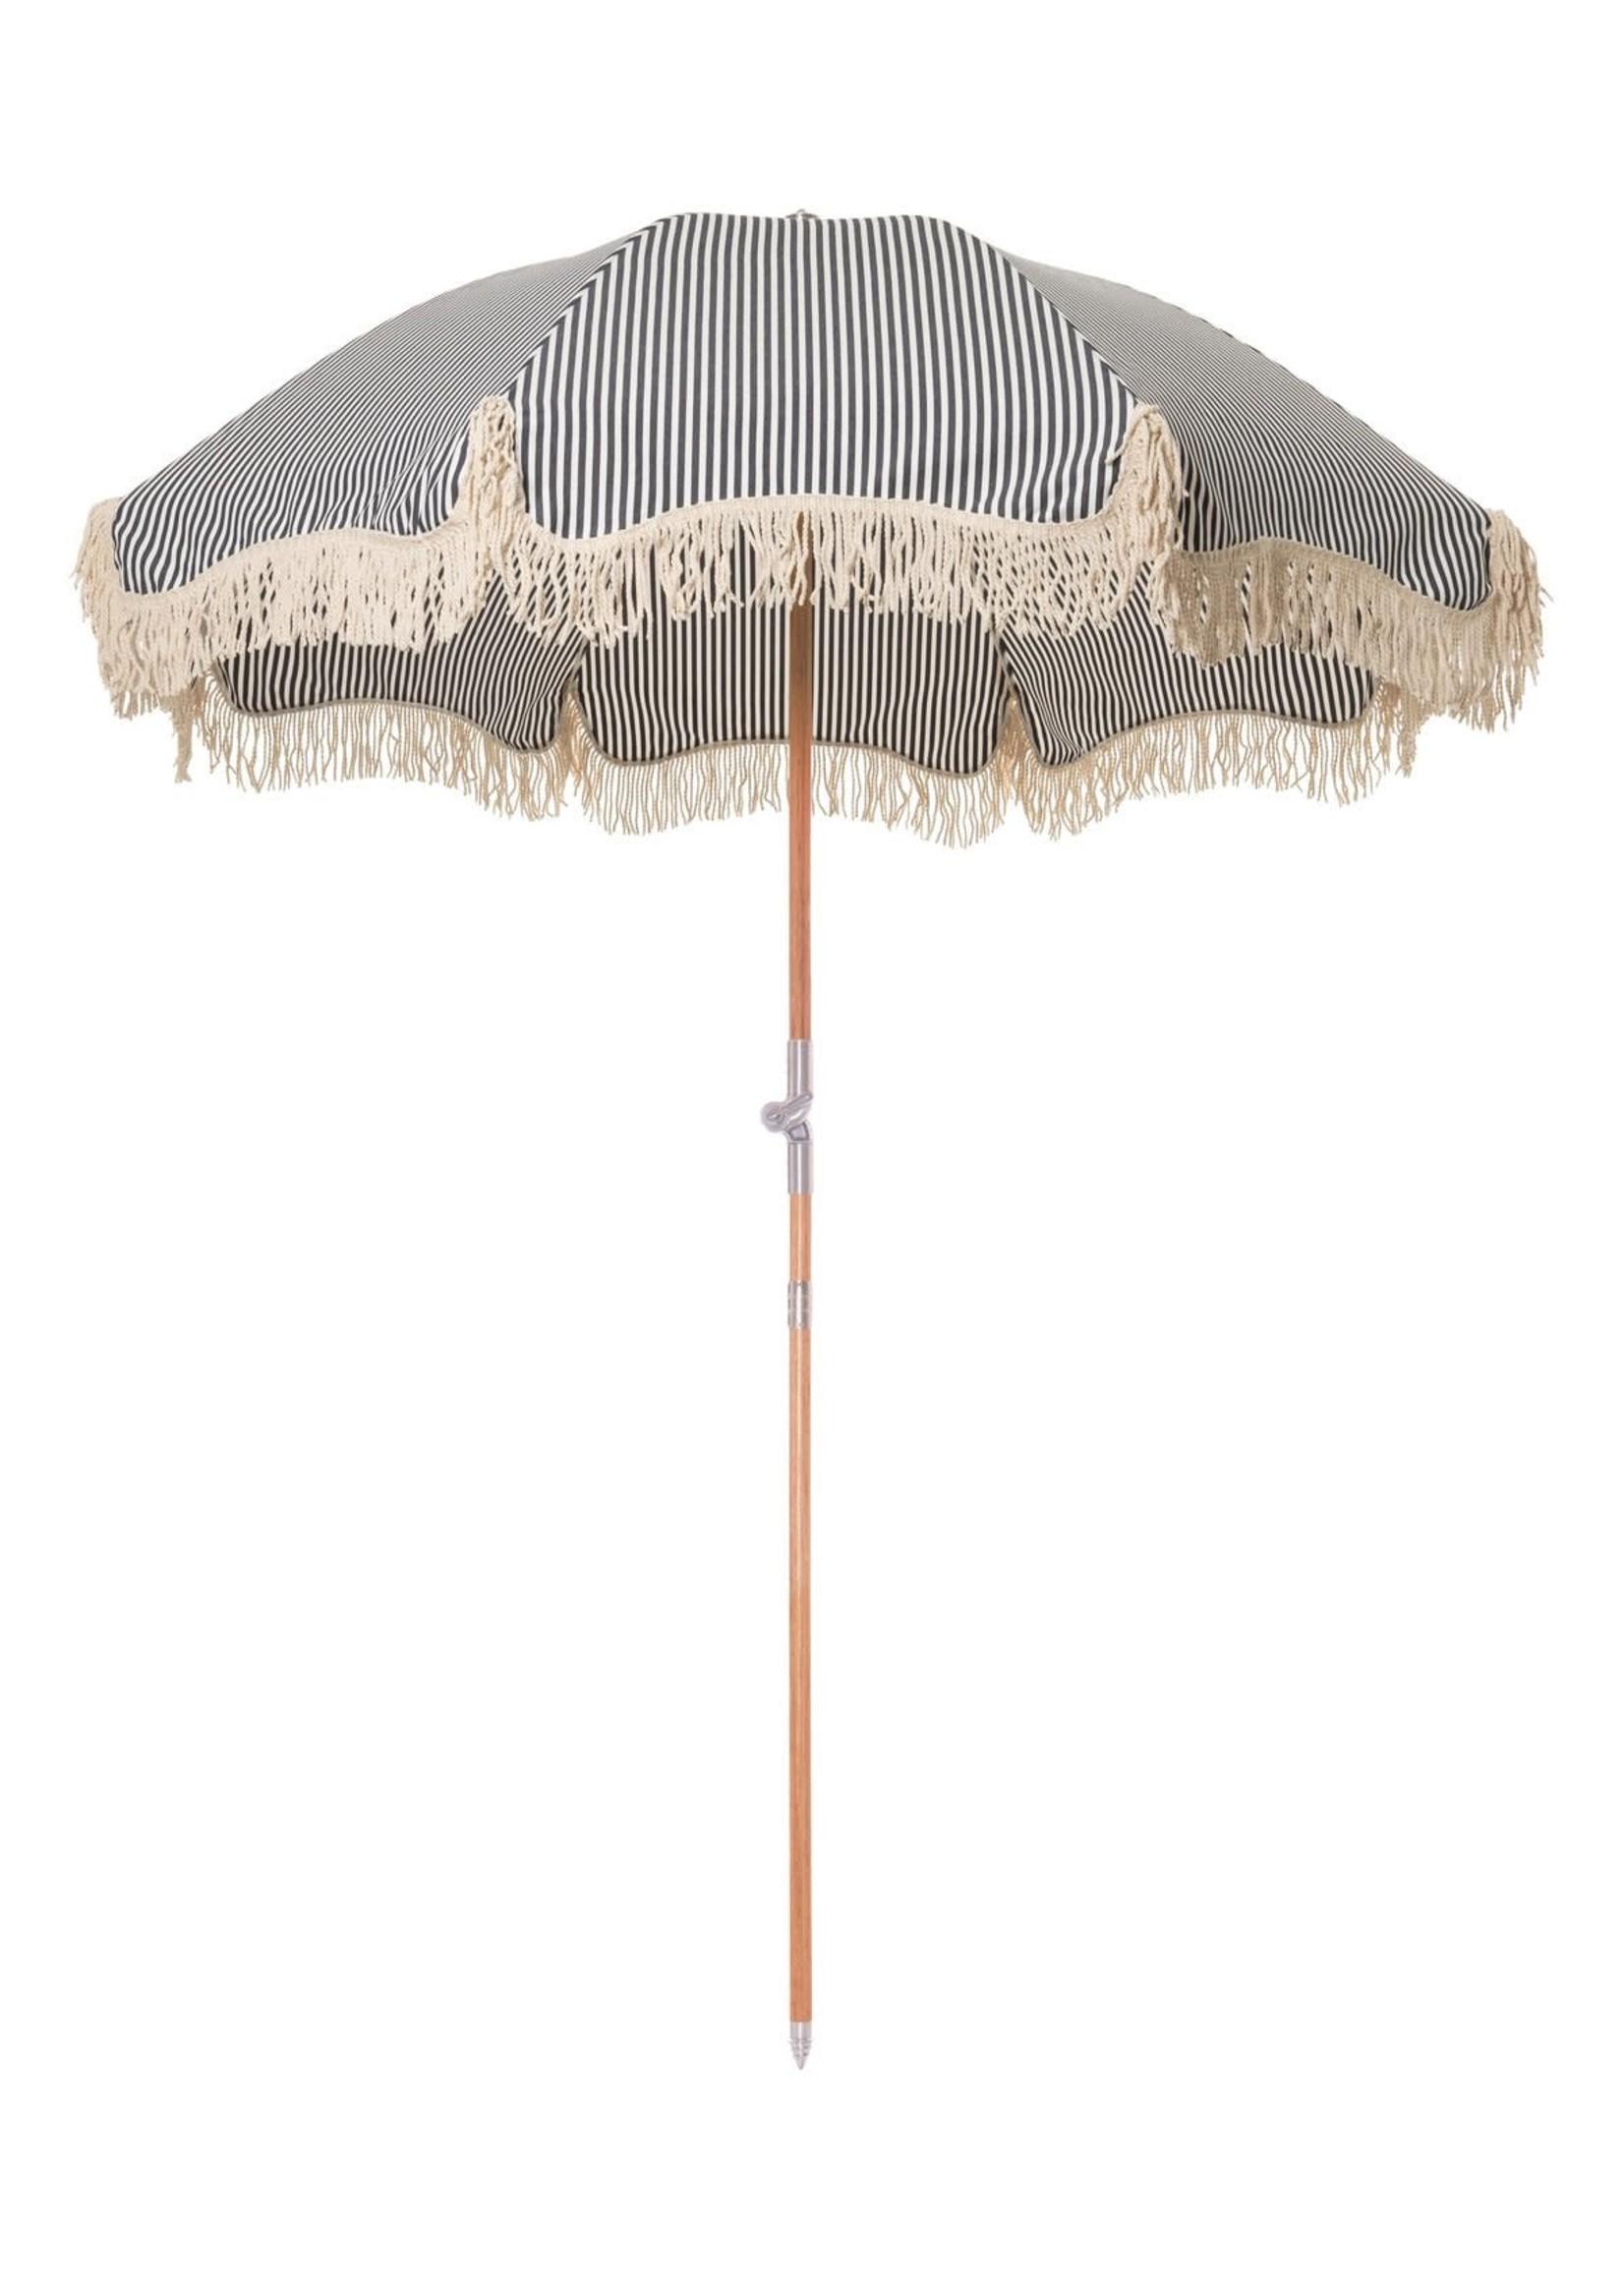 Premium Beach Umbrella - Laurens Navy Stripe